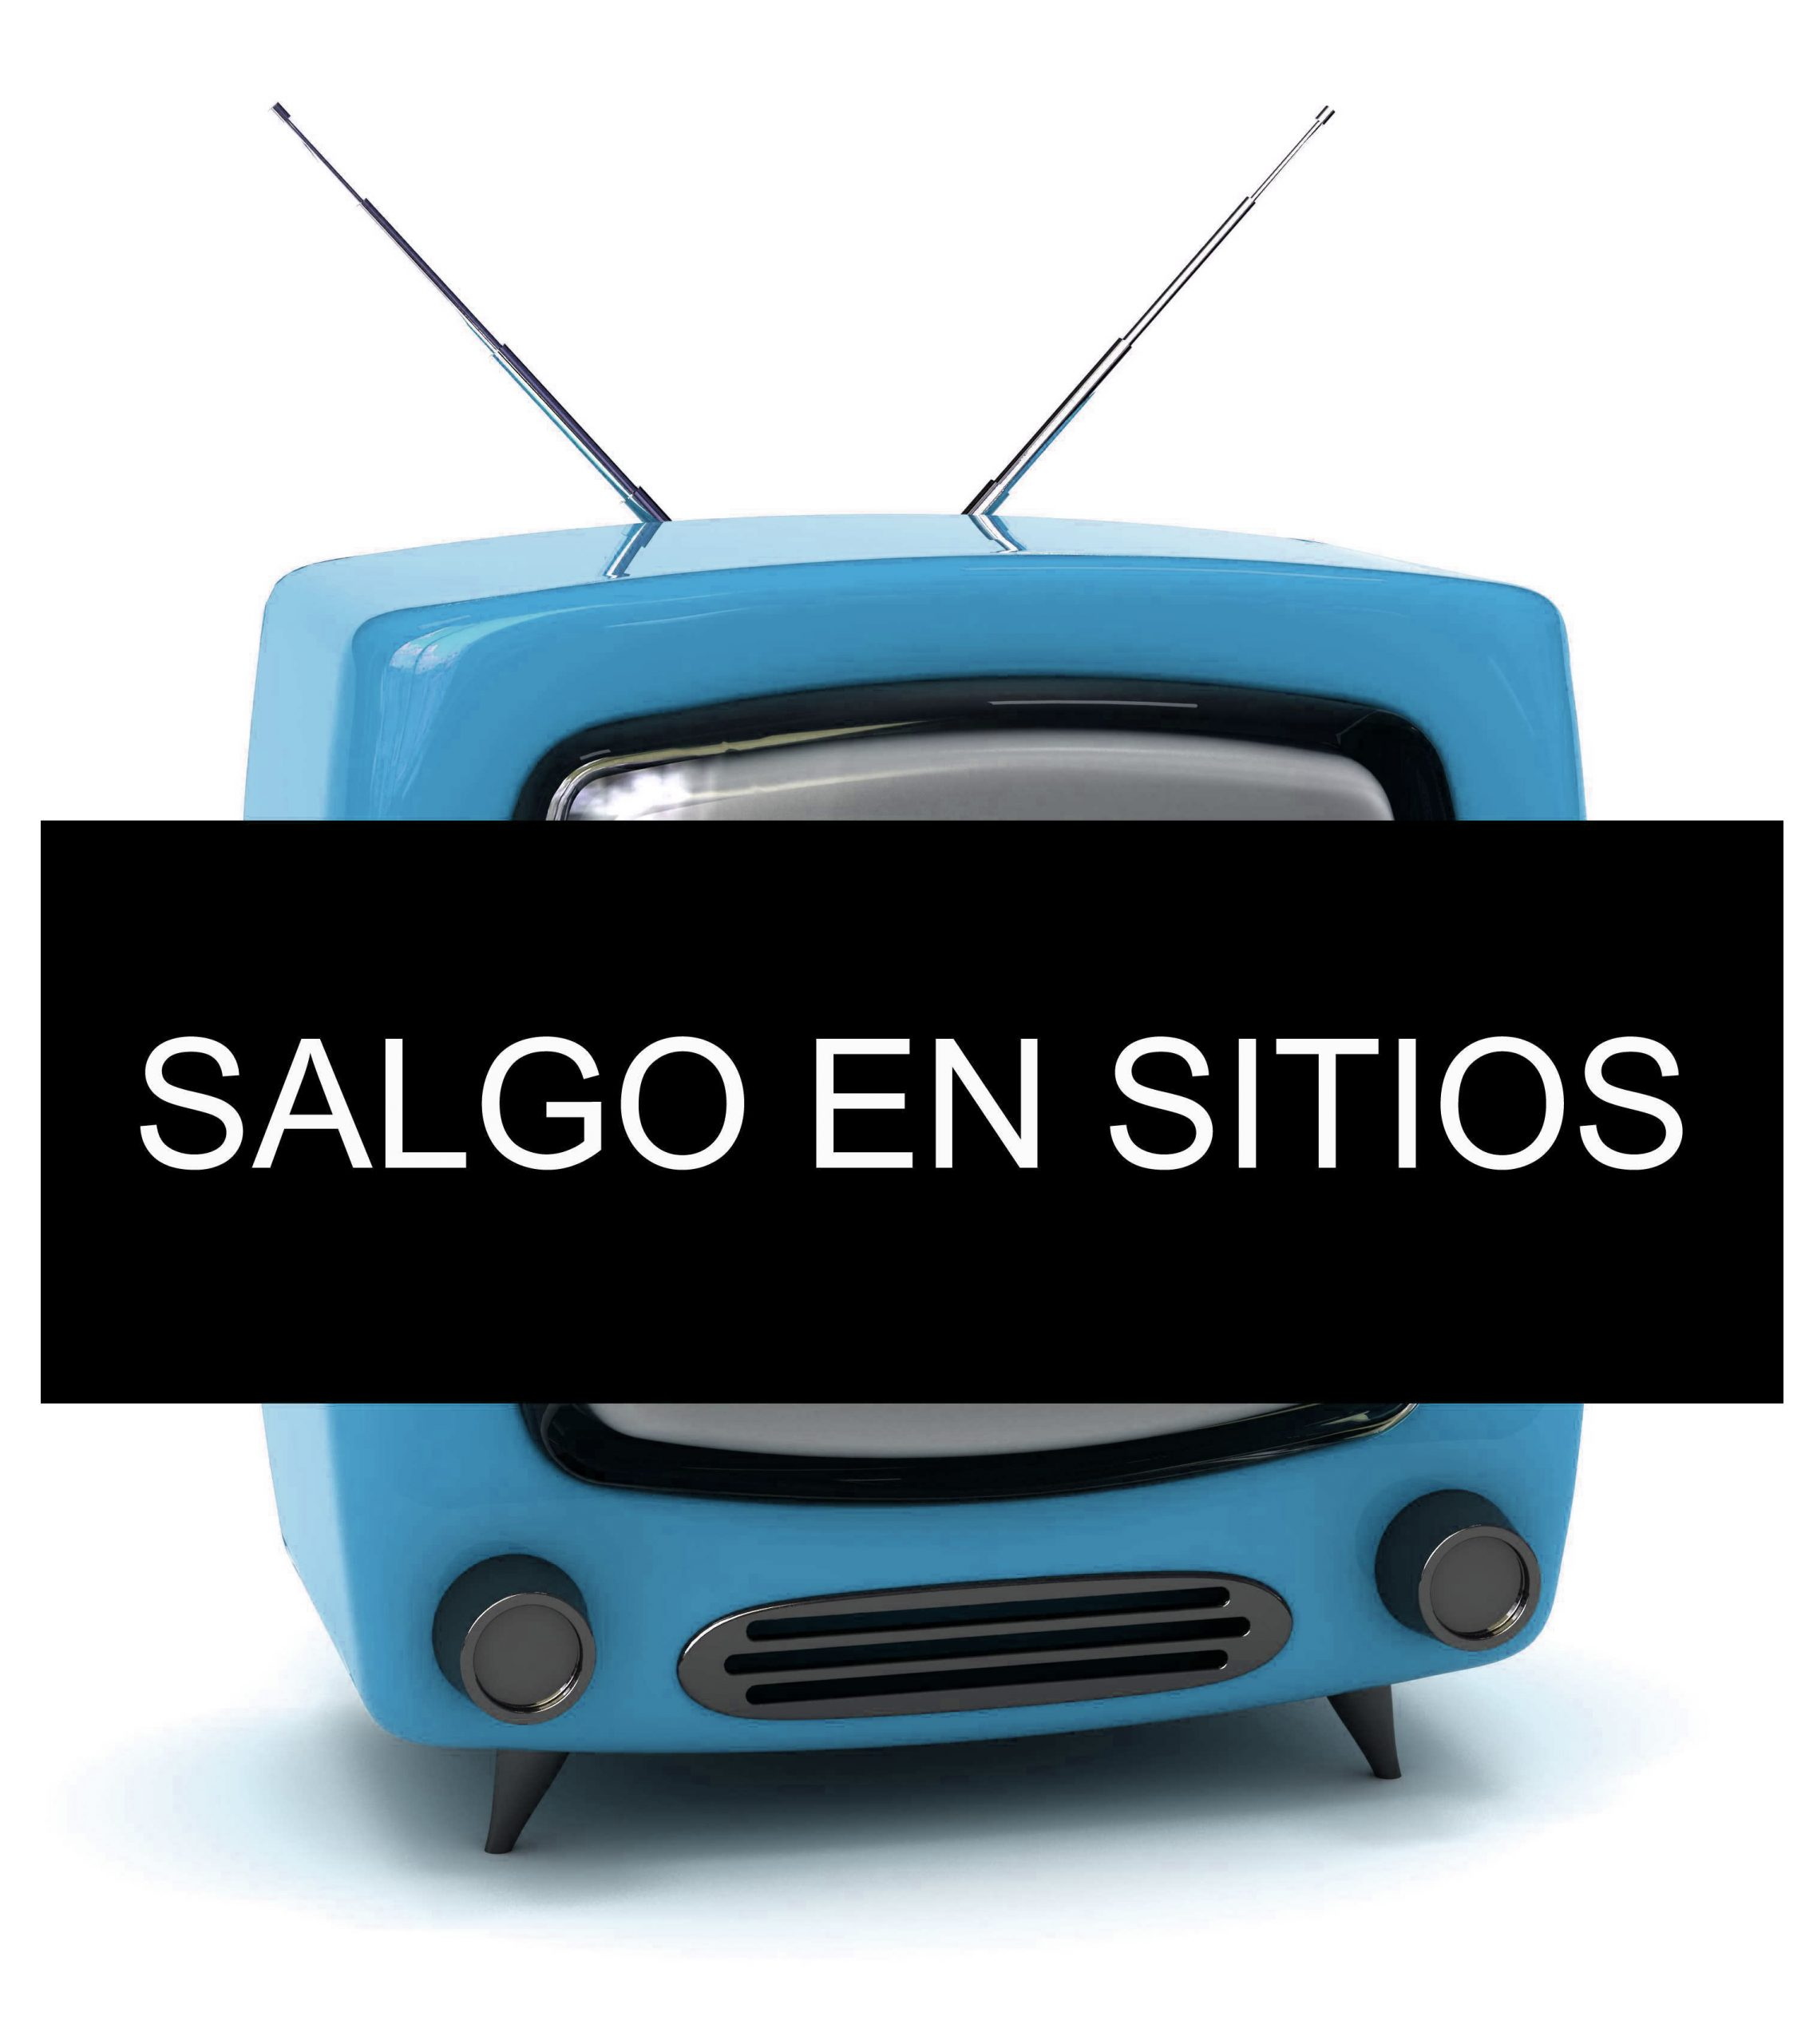 """Una televisión retro en la que sale un cartel que dice """"salgo en sitios"""""""